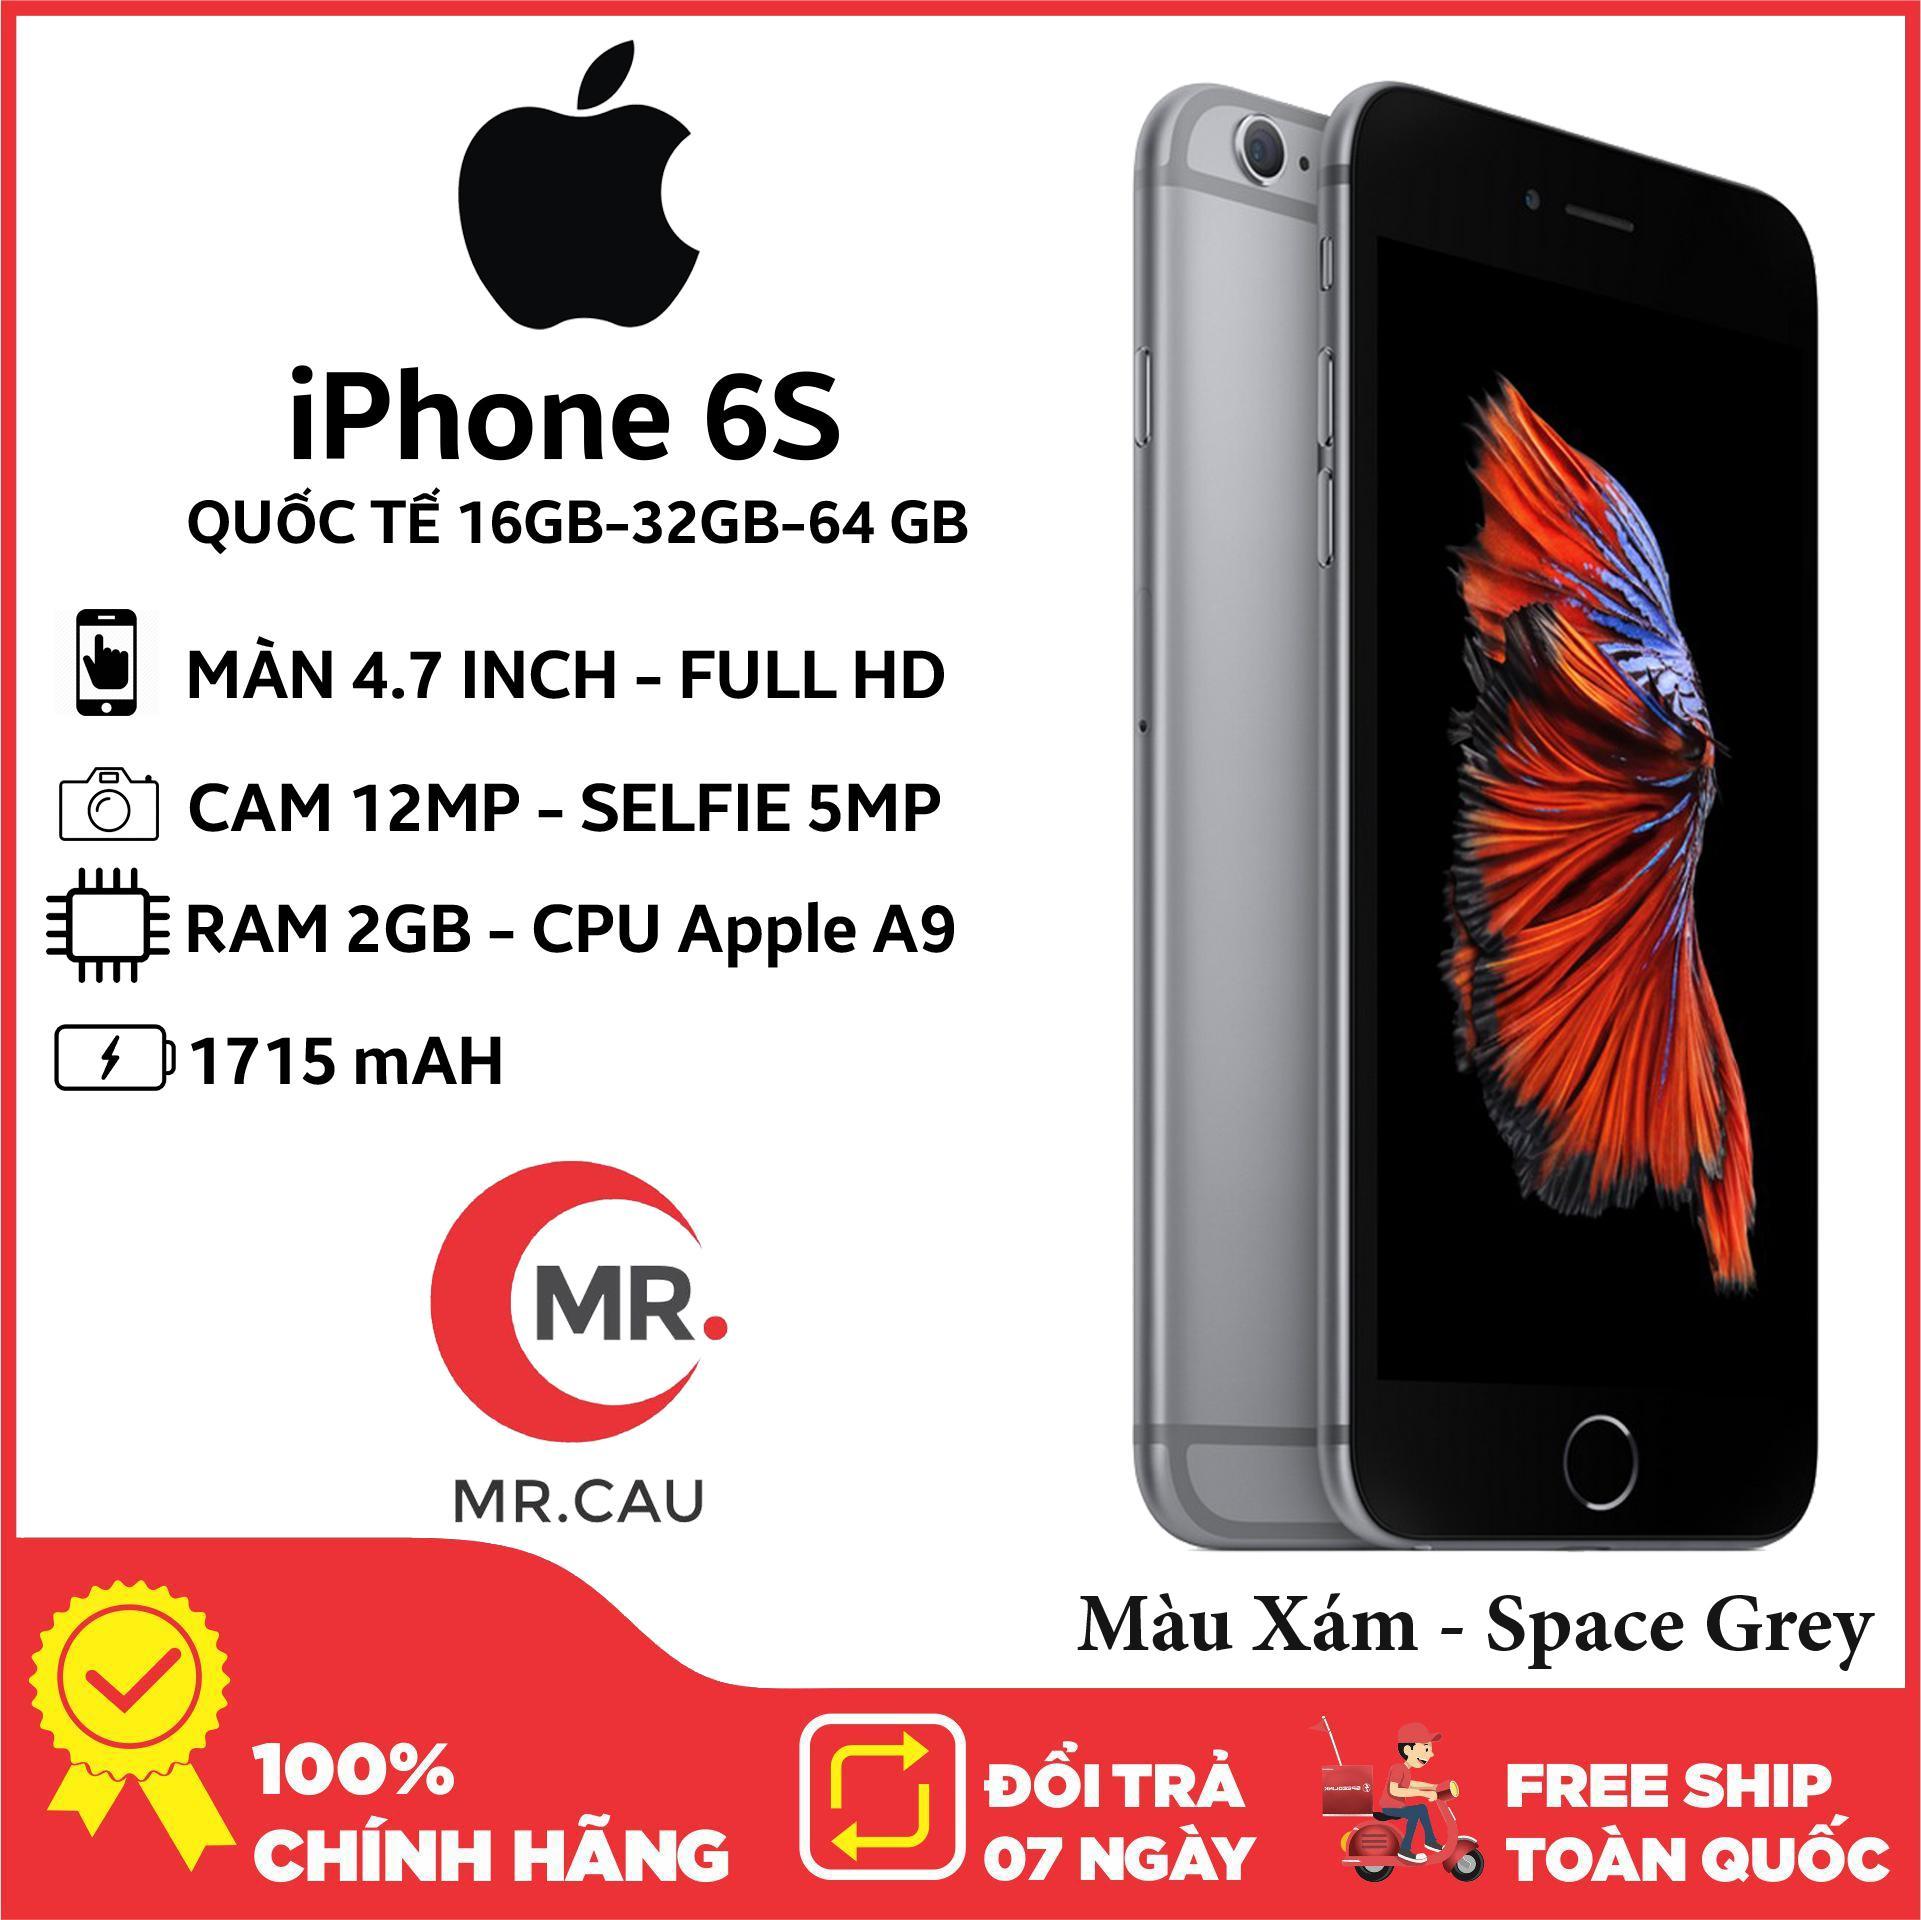 Coupon tại Lazada cho Điên Thoại Apple IPhone 6S 16GB 32GB 64GB RAM 2GB QUỐC TẾ FullBox - Full Phụ Kiện Điện Thoại Smartphone Điện Thoại Thông Minh Giá Rẻ Bảo Hảnh 6 Thàng MR CAU